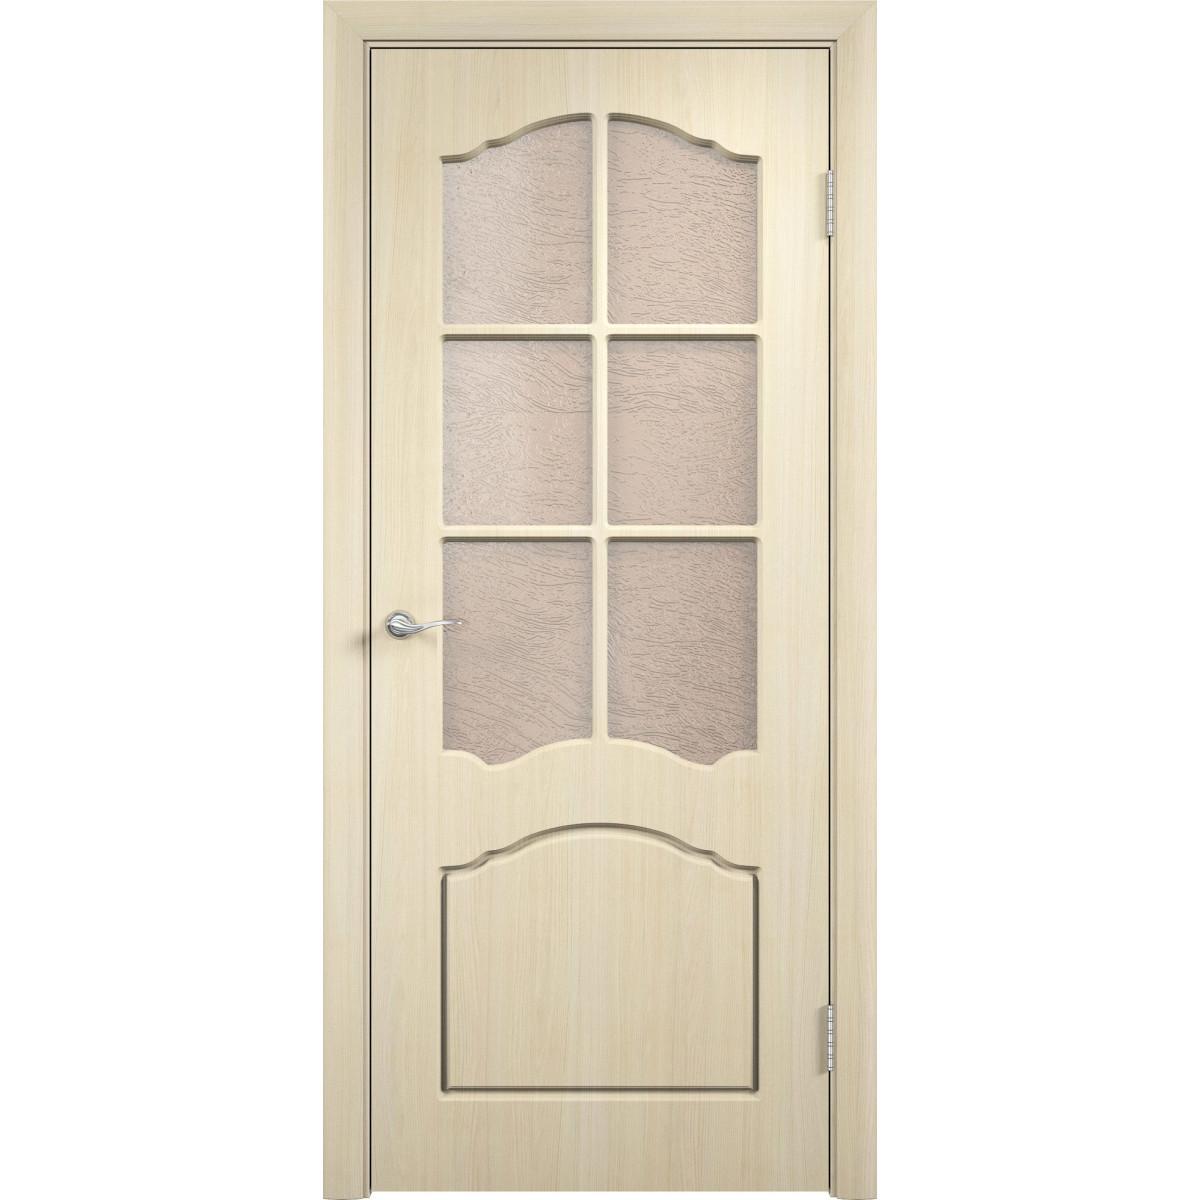 Дверное полотно Verda Лидия МП_0463 2000х800х40 мм МДФ